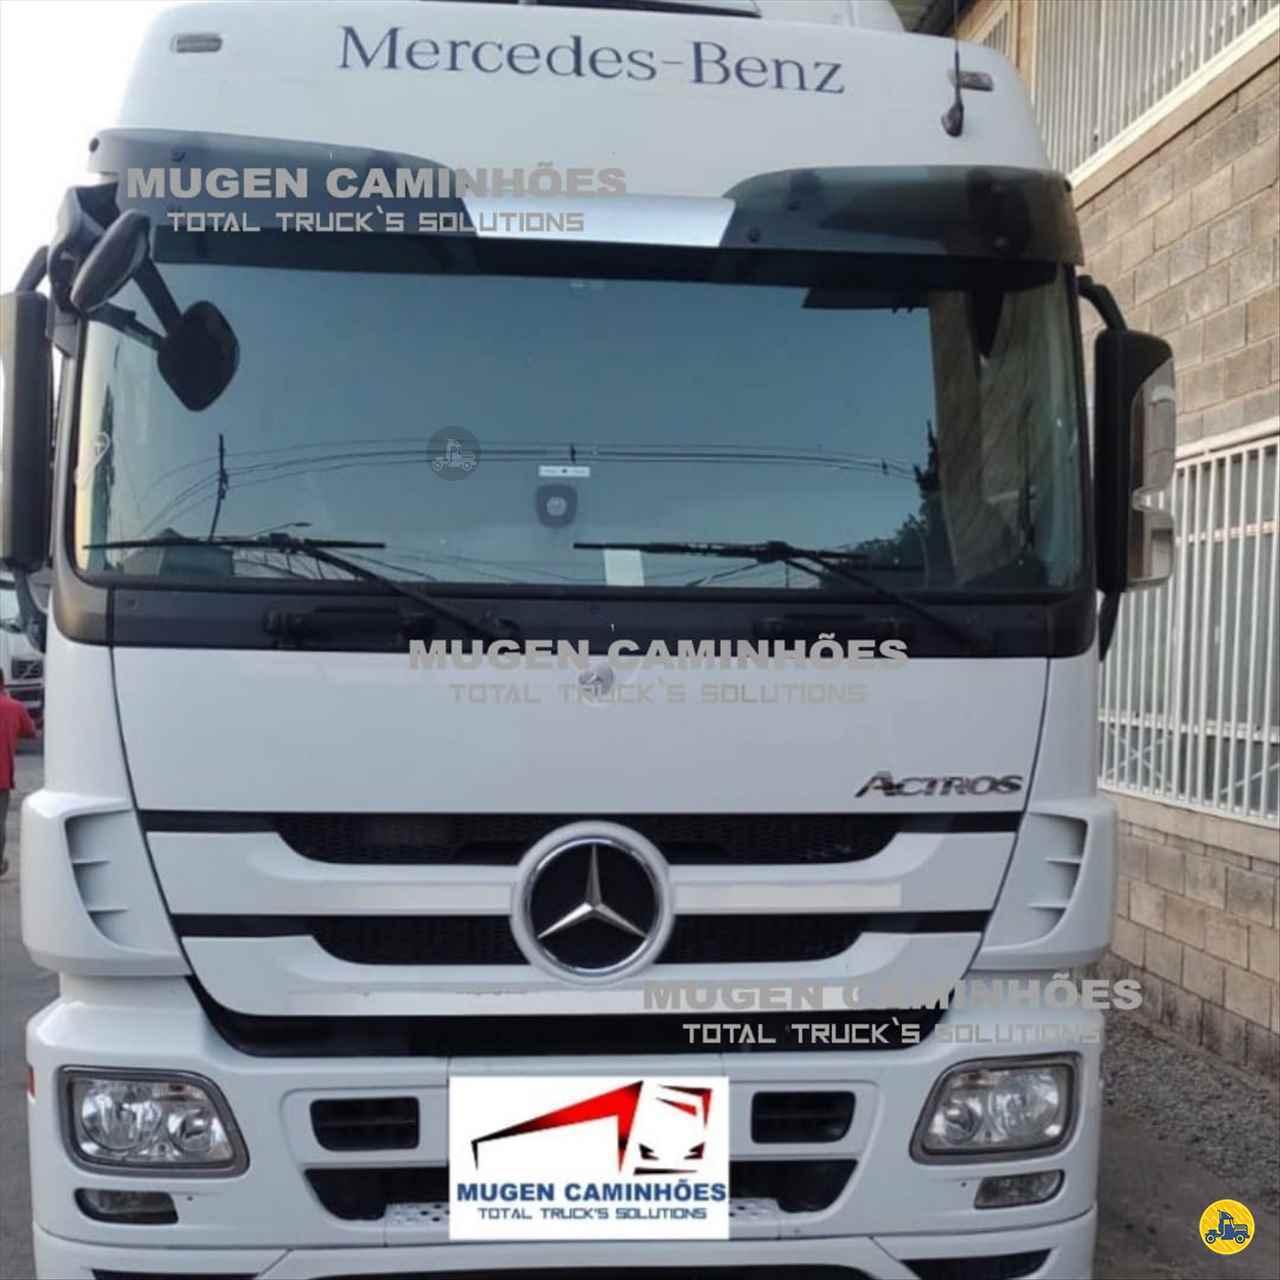 CAMINHAO MERCEDES-BENZ MB 2546 Chassis Truck 6x2 Mugen Caminhões GUARULHOS SÃO PAULO SP